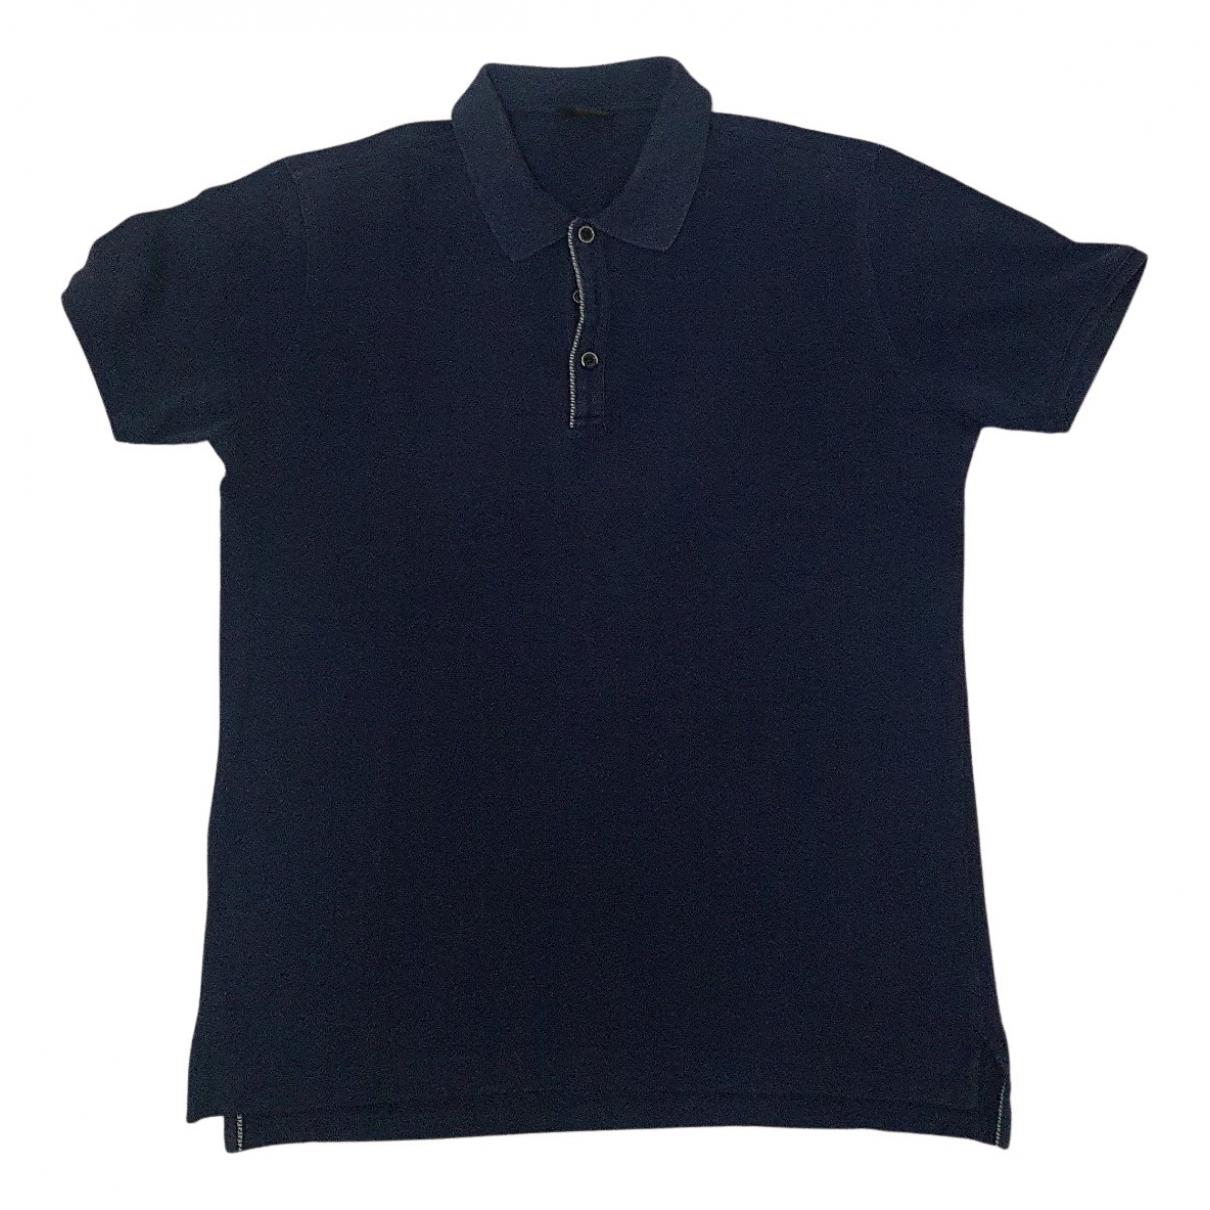 Fendi N Blue Cotton Polo shirts for Men 48 IT